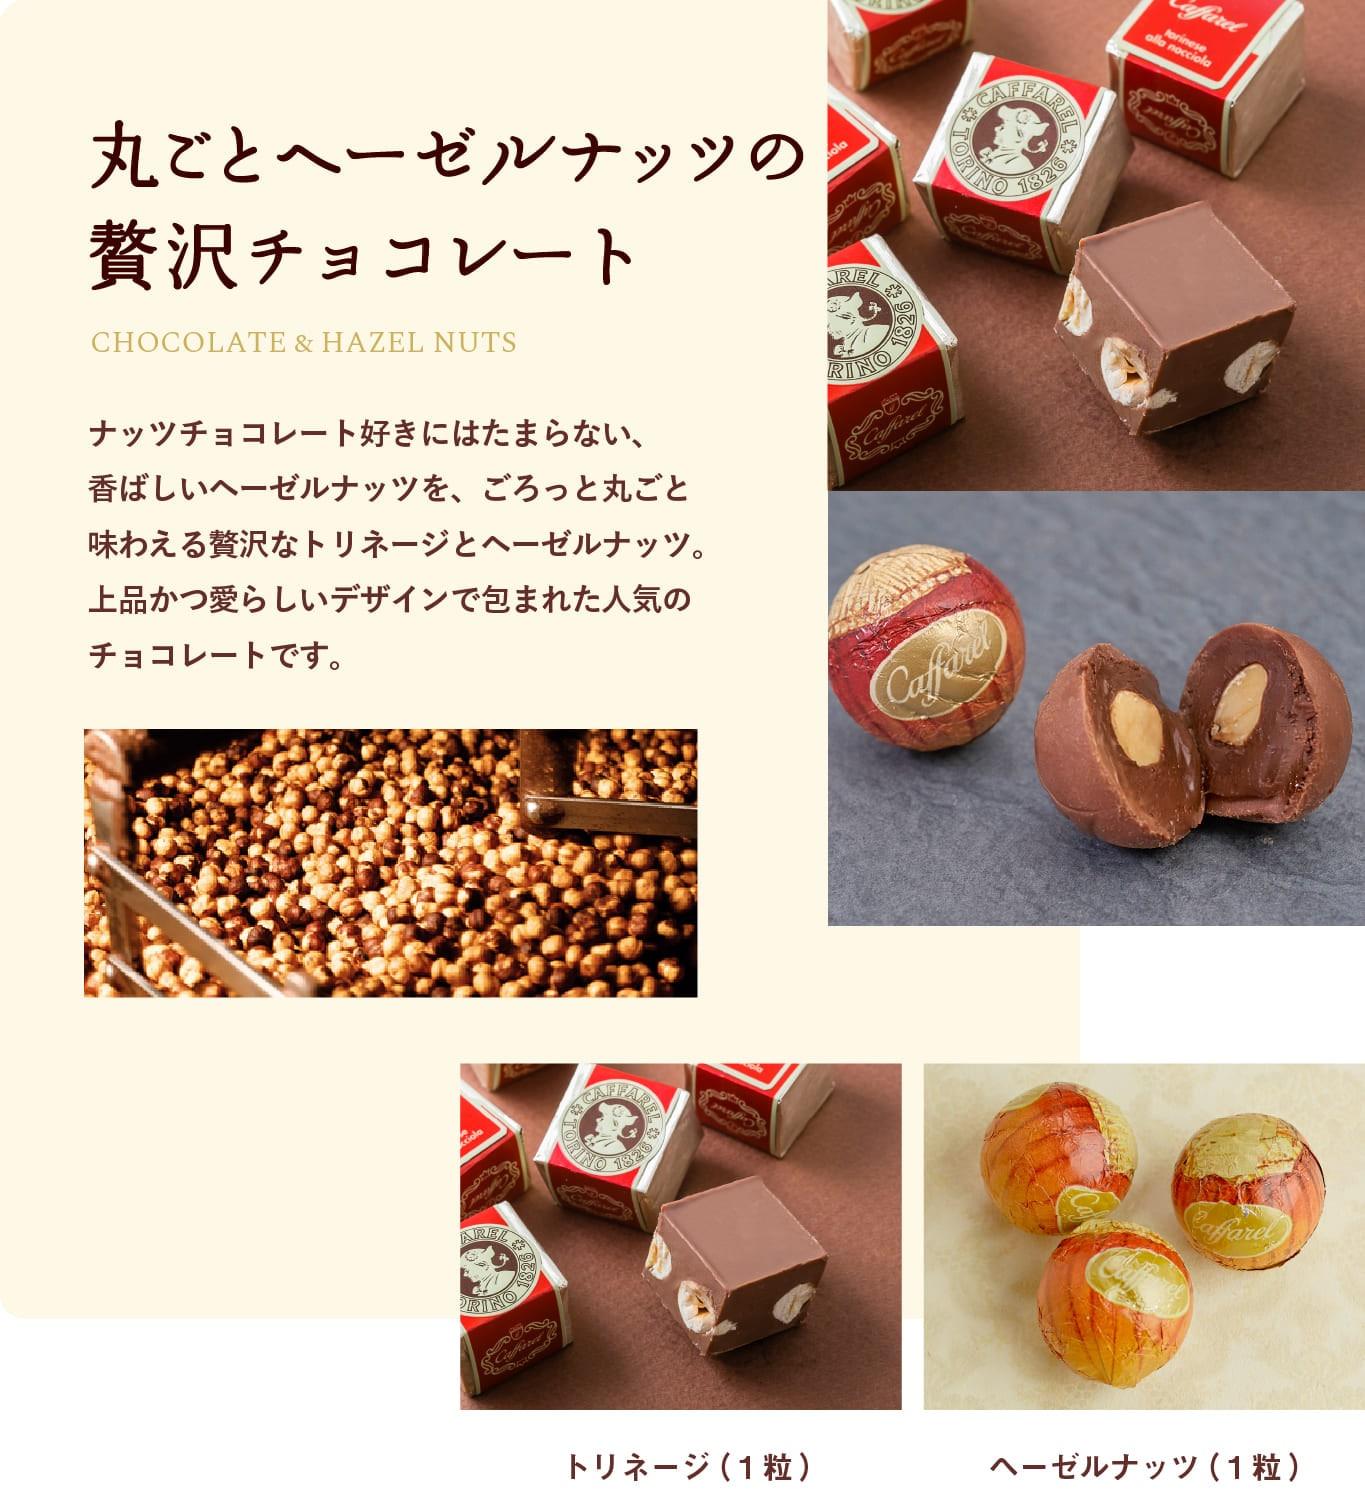 ナッツの高級チョコレートはカファレル